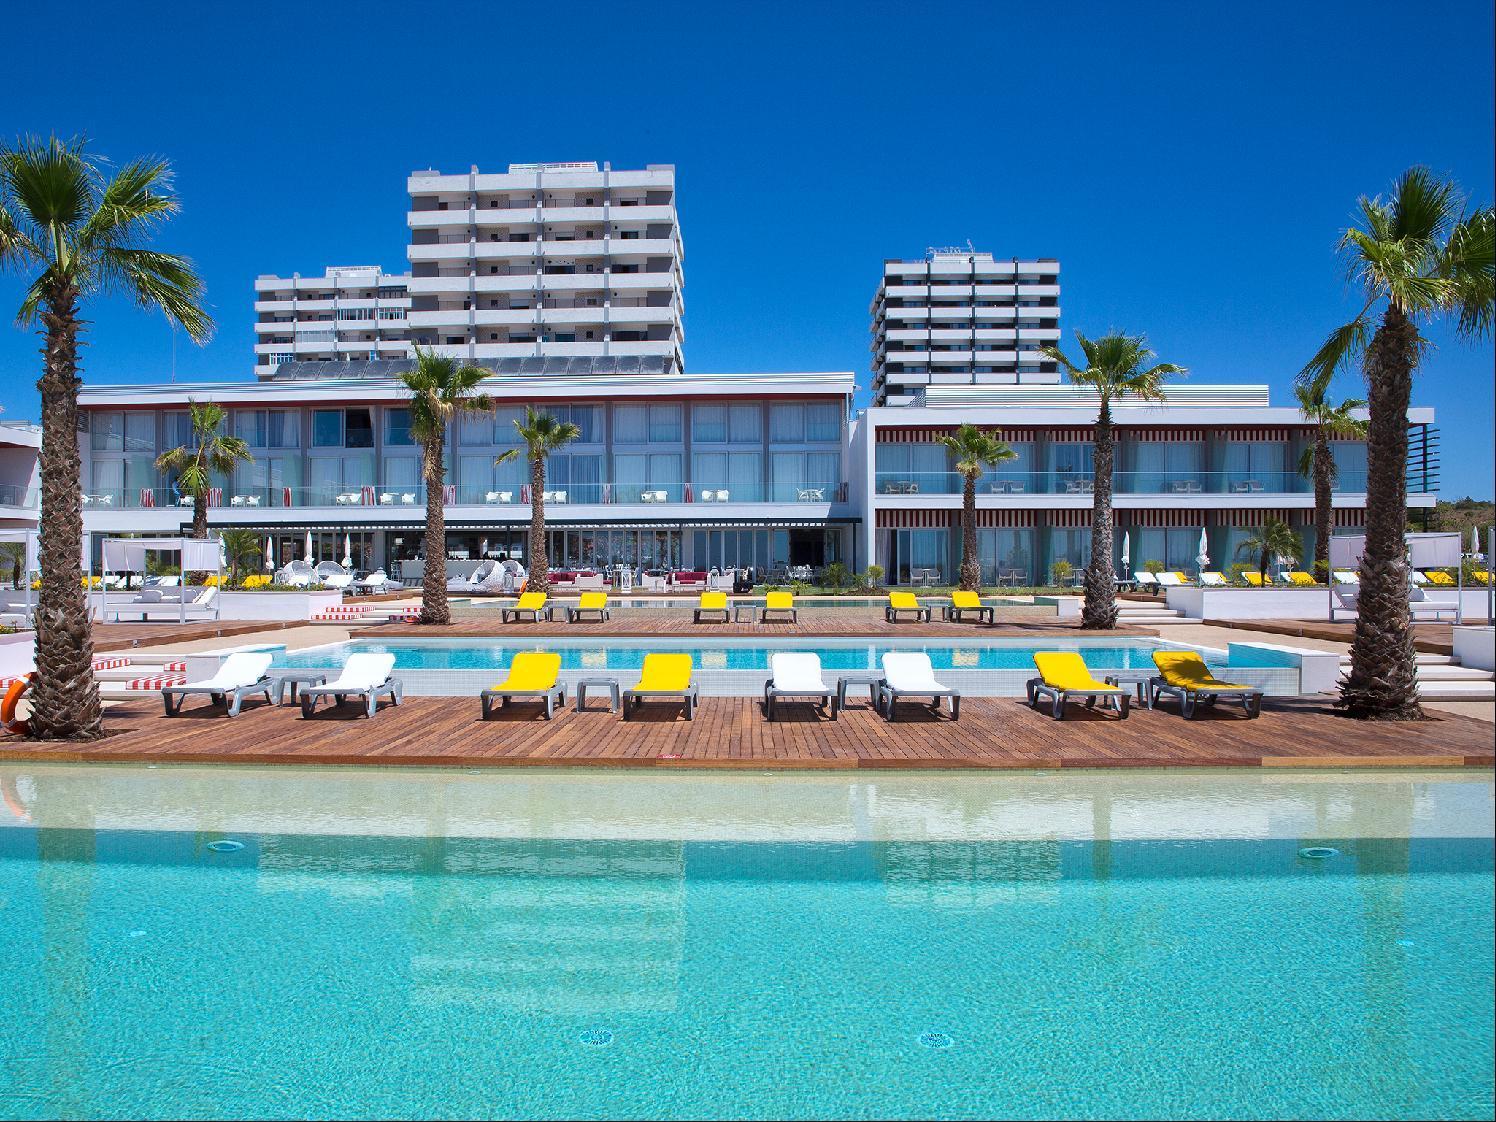 Pestana Alvor South Beach Hotel